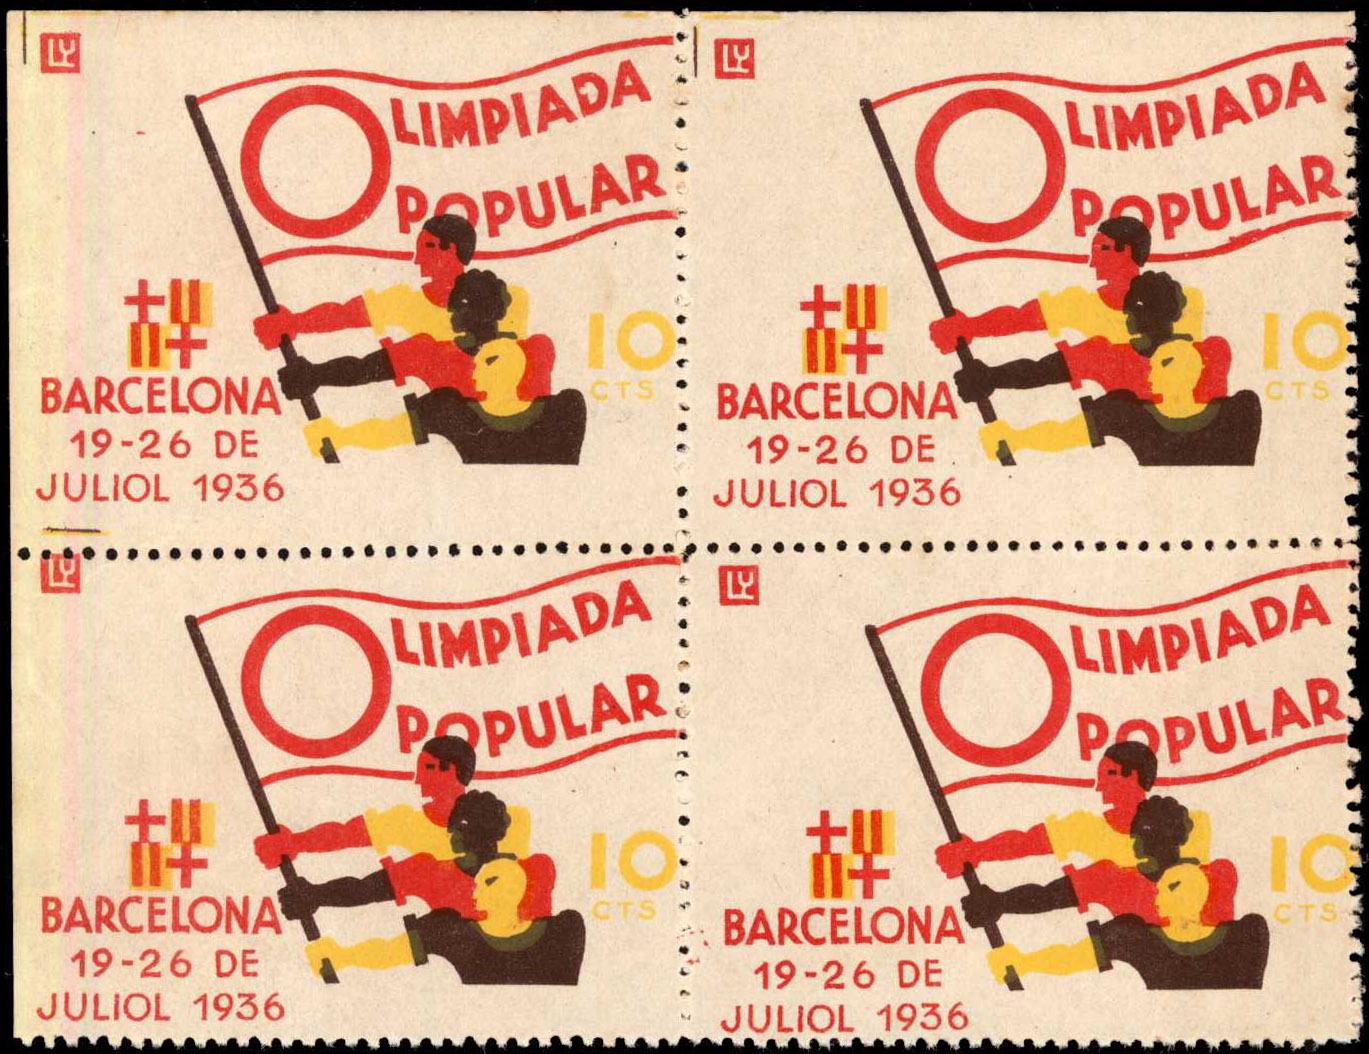 Zehn-Centavos-Briefmarke herausgegeben zur Olimpiada Popular